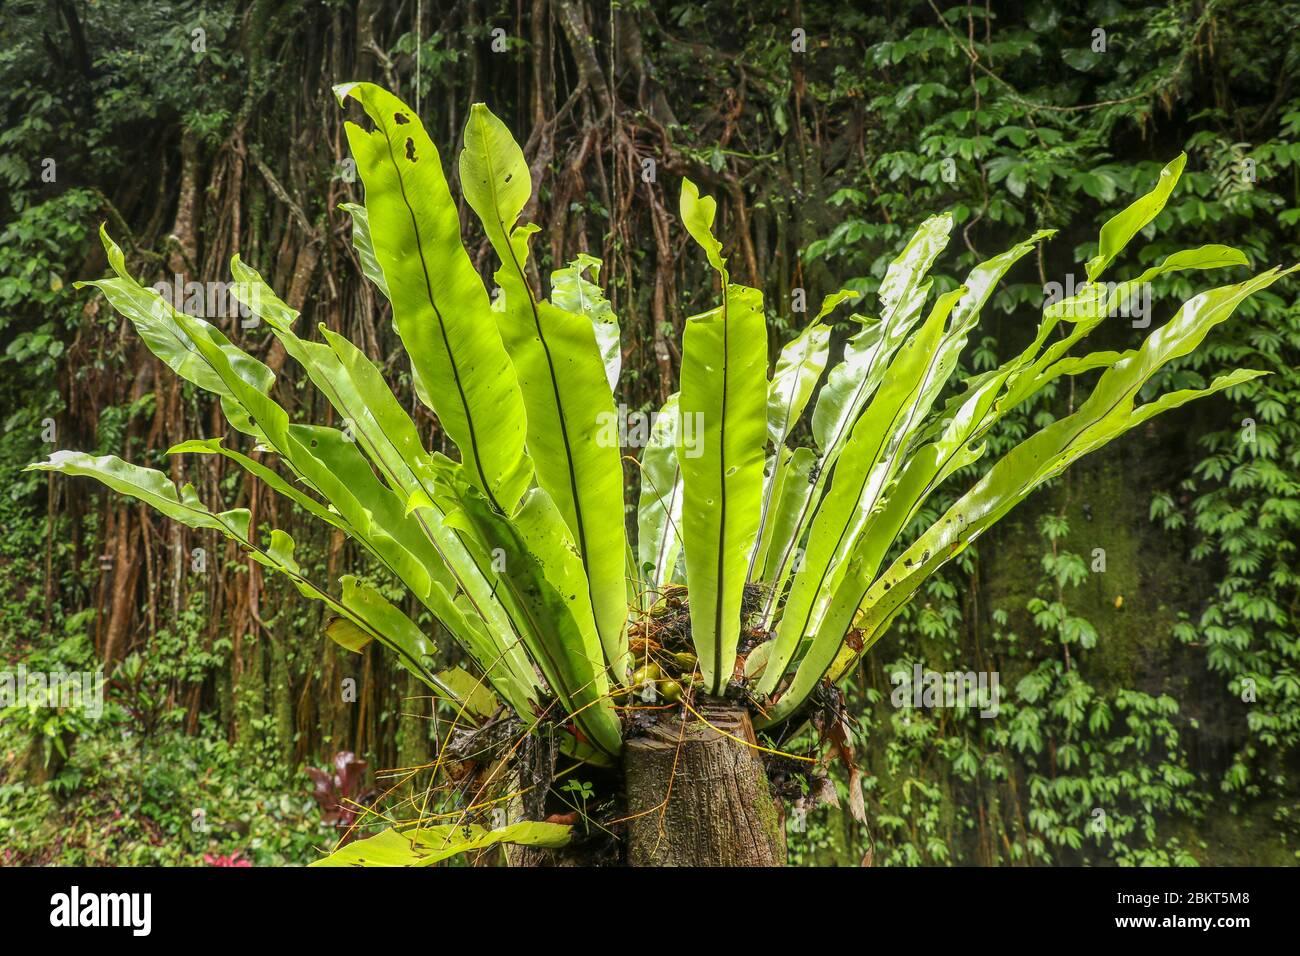 Asplenium nidus epiphyte sale de cerca. Hojas verdes de foco suave de nido de pájaro de Fern en la selva tropical, decoración exterior. Planta verde Foto de stock